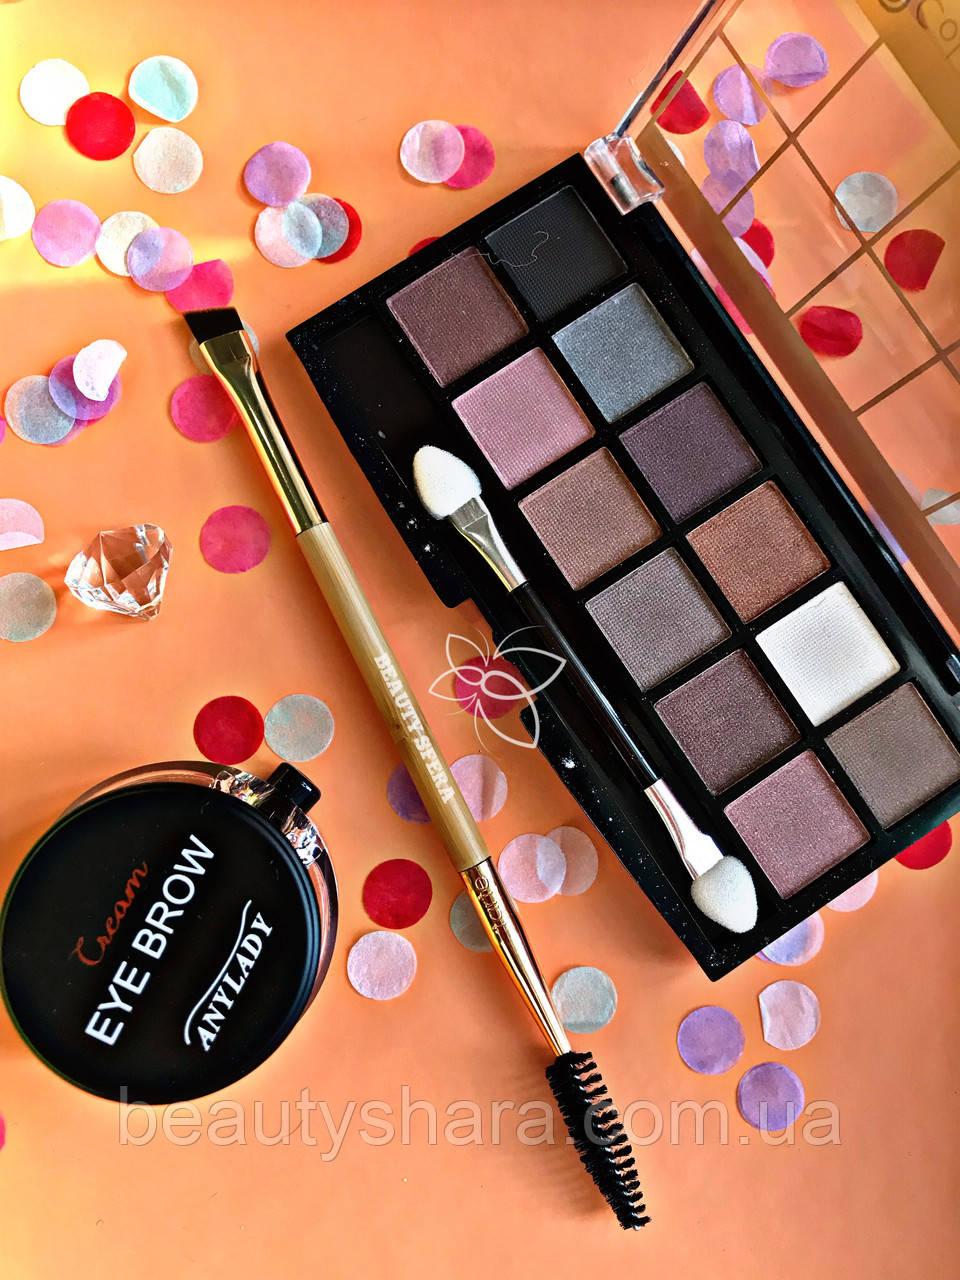 Тени Ushas 12 color  + Помада для бровей Anylady + Кисть для бровей tarte Gold Промо набор №0053